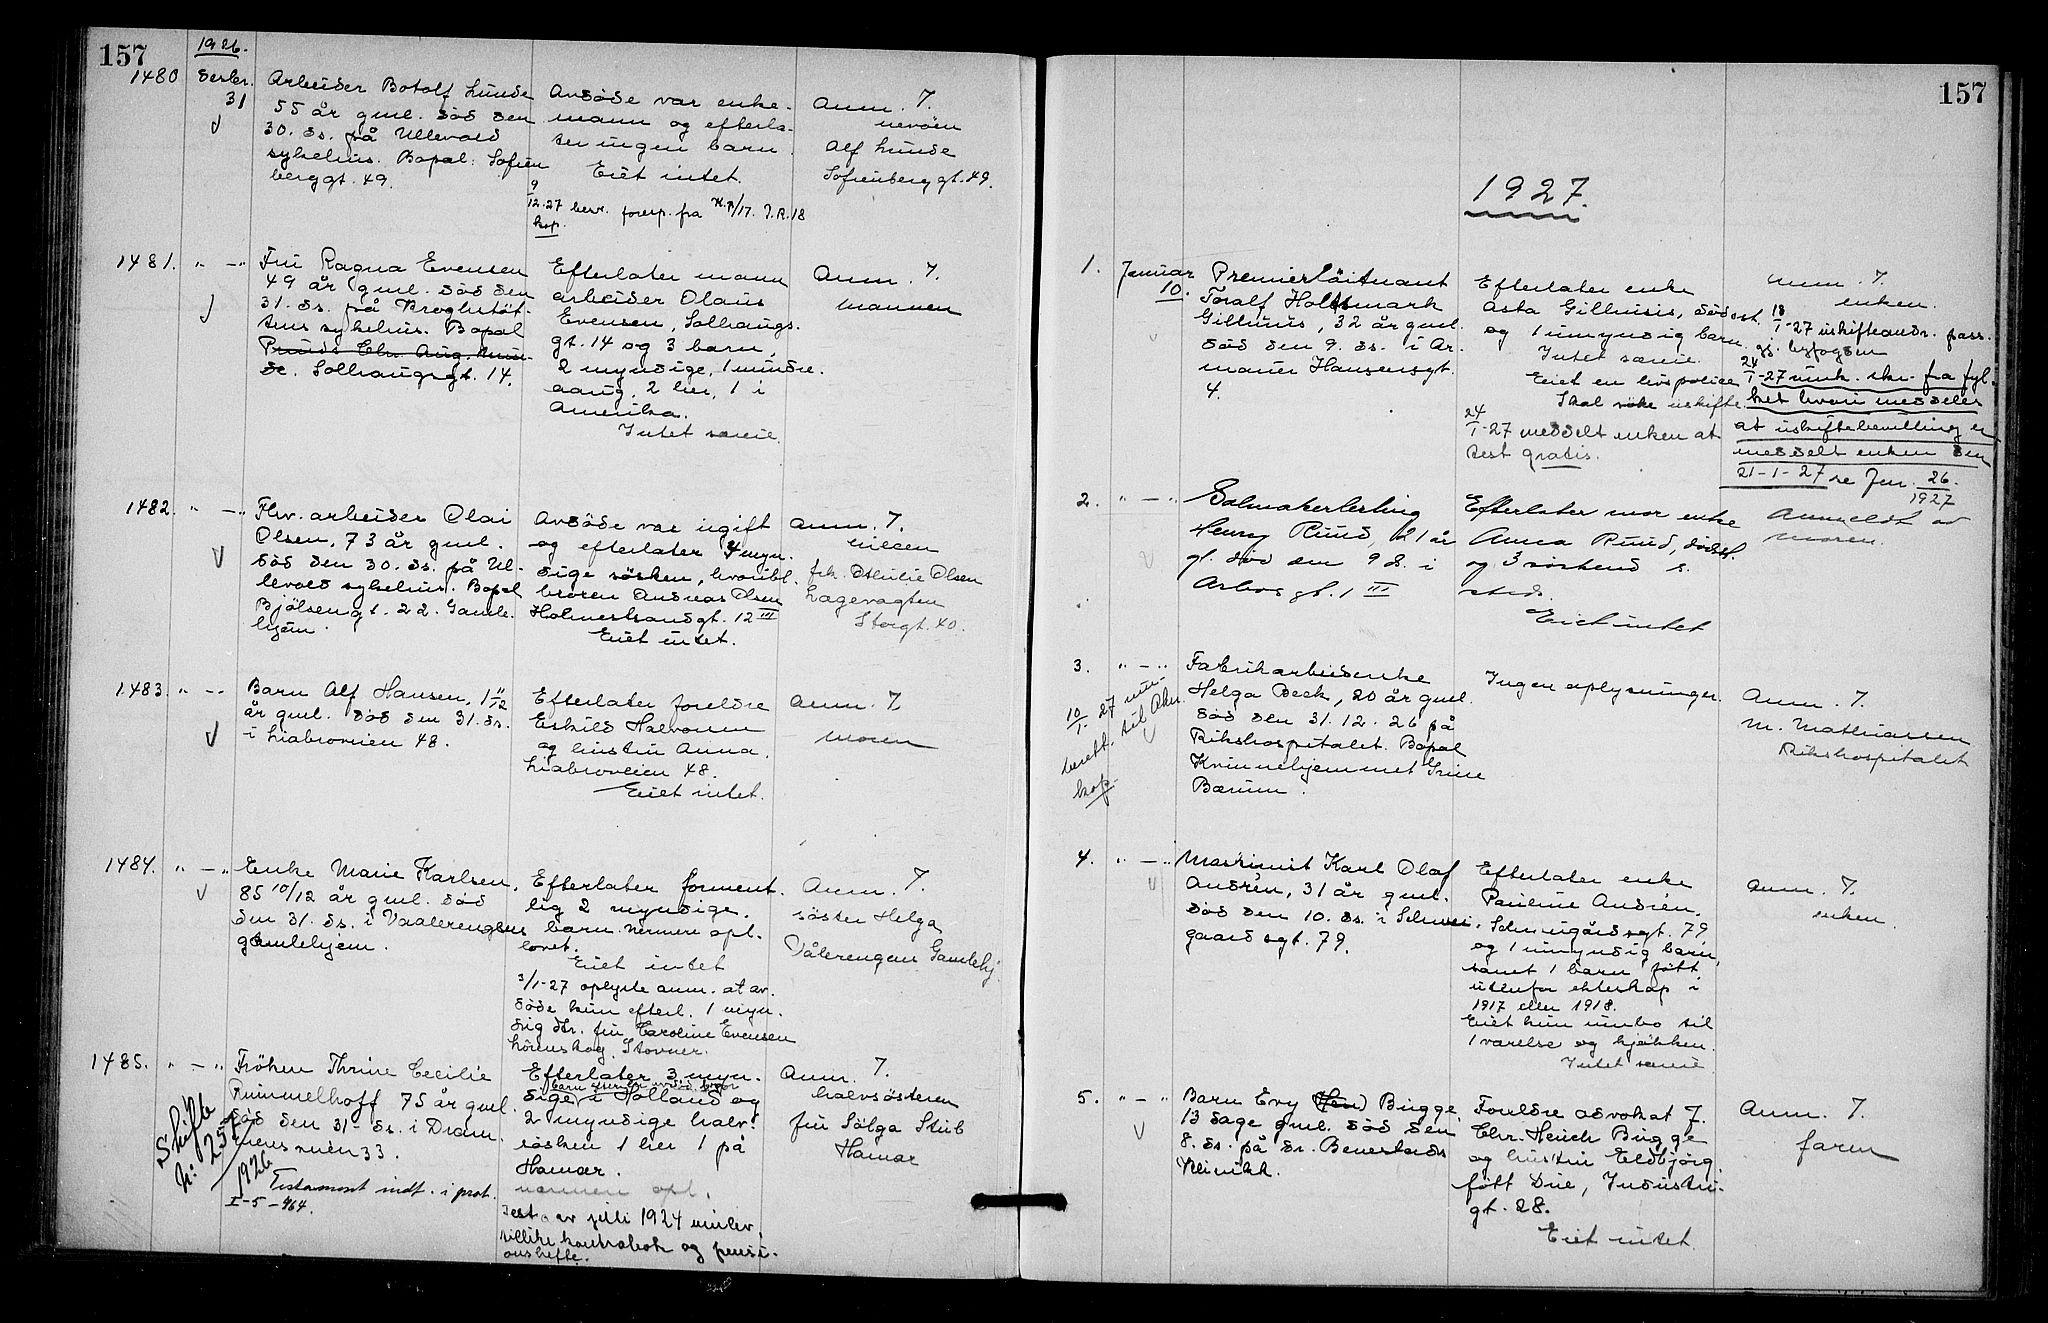 SAO, Oslo skifterett, G/Ga/Gab/L0014: Dødsfallsprotokoll, 1925-1927, s. 157